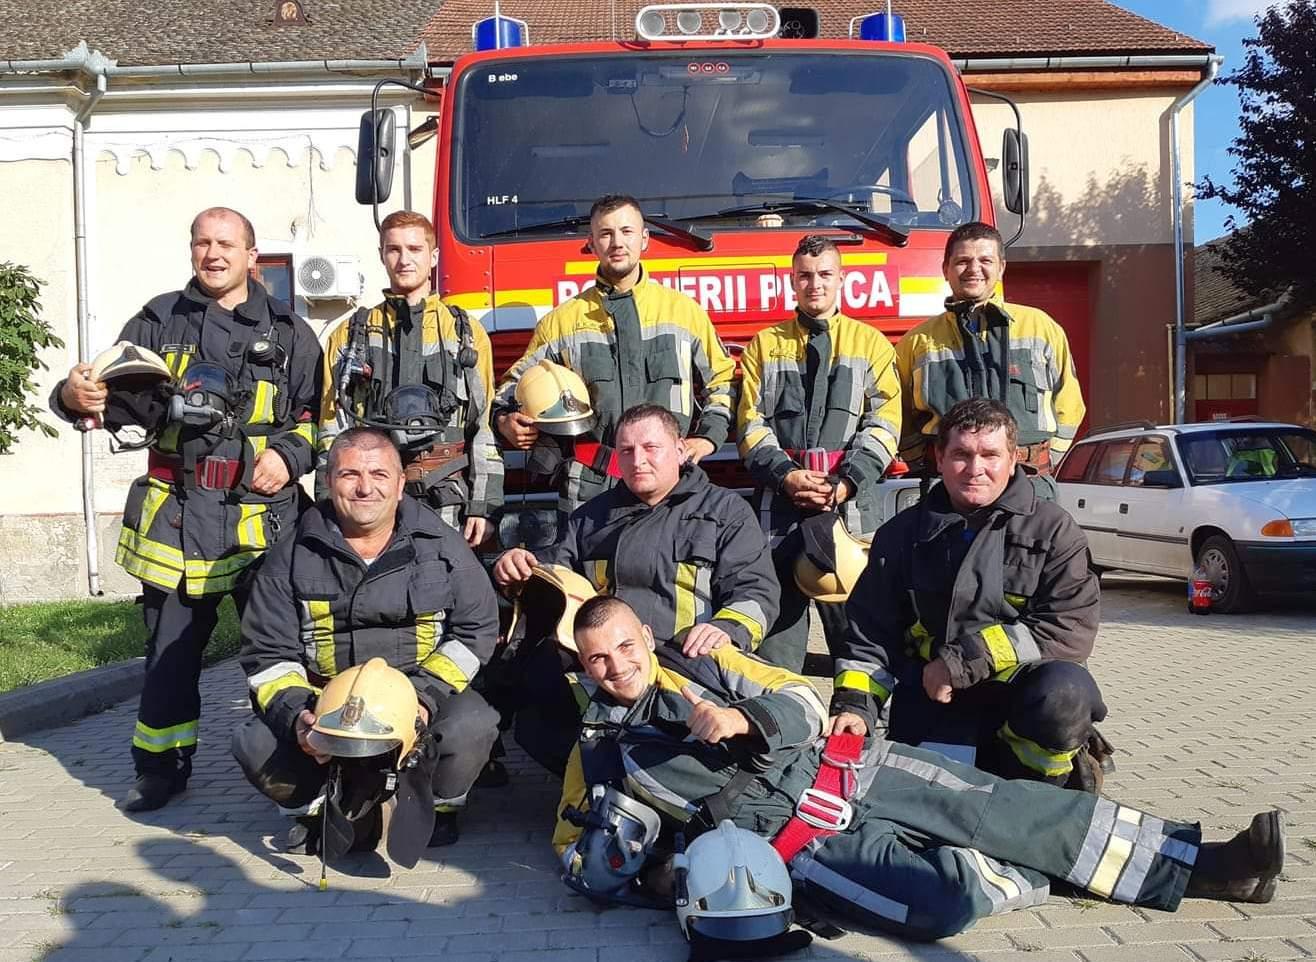 """Campania """"Previn, sunt protejat!"""" inițiată de pompierii voluntari din cadrul Serviciului Voluntar Pentru Situații de Urgență Pecica"""